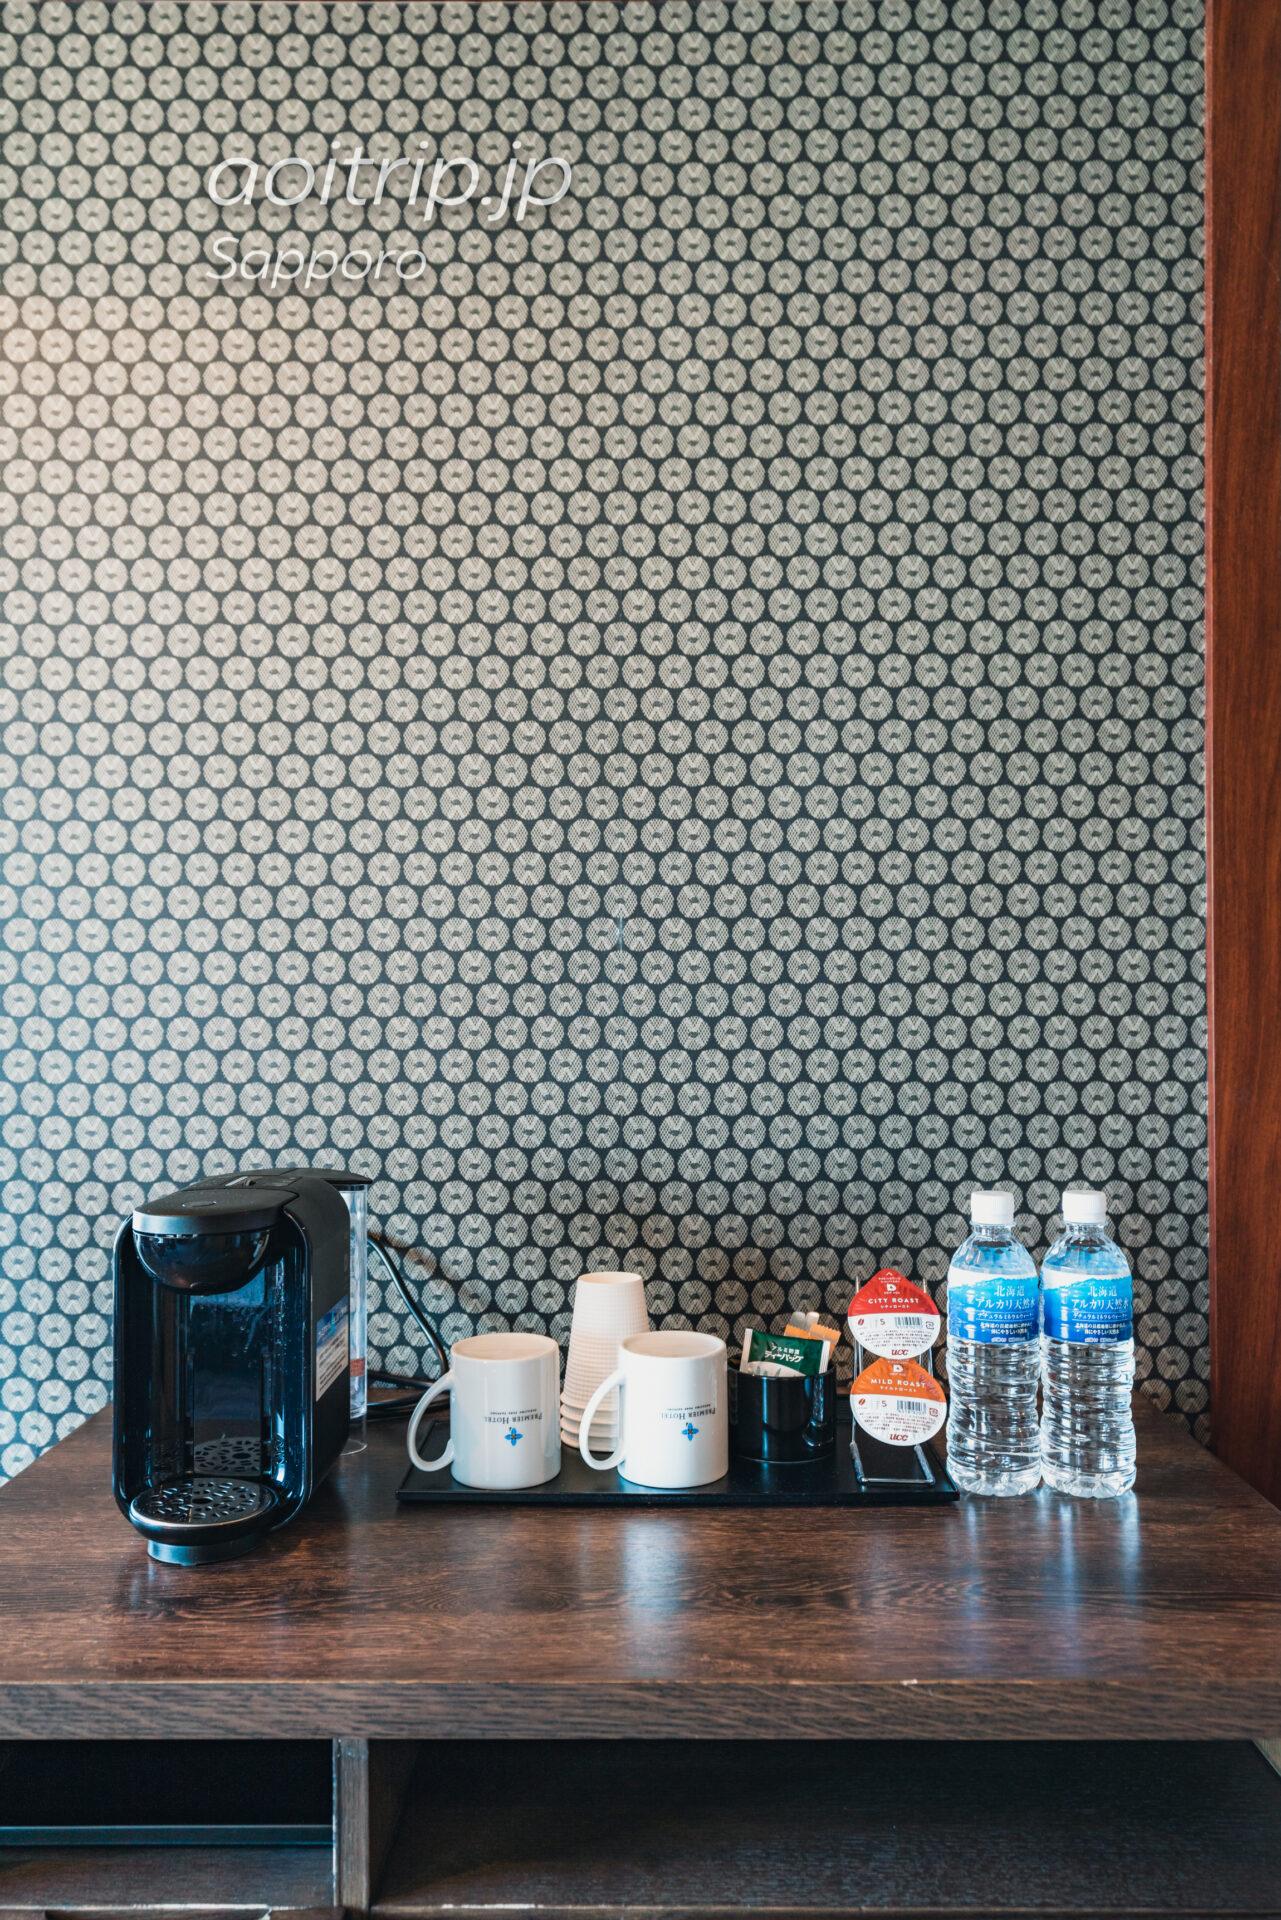 プレミアホテル中島公園 札幌 客室デラックスダブル Deluxe Double Room